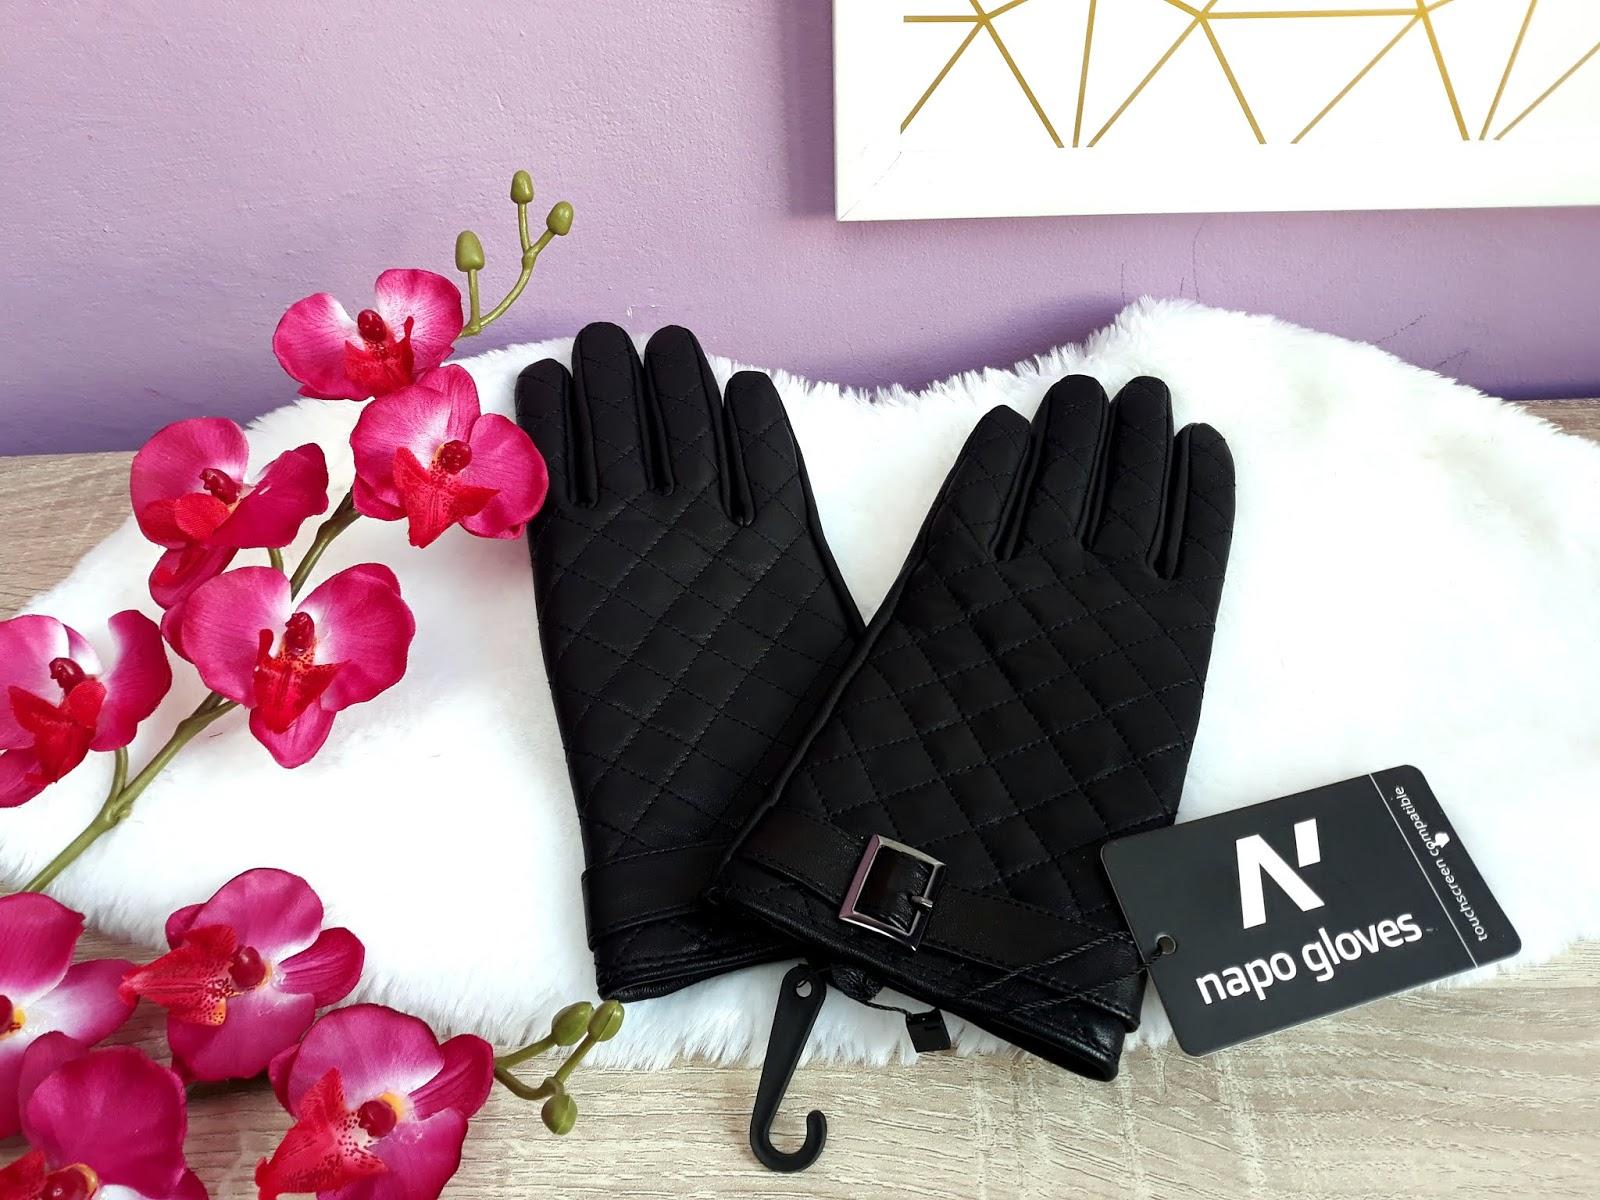 bo rękawiczki muszą być ładne i praktycznie